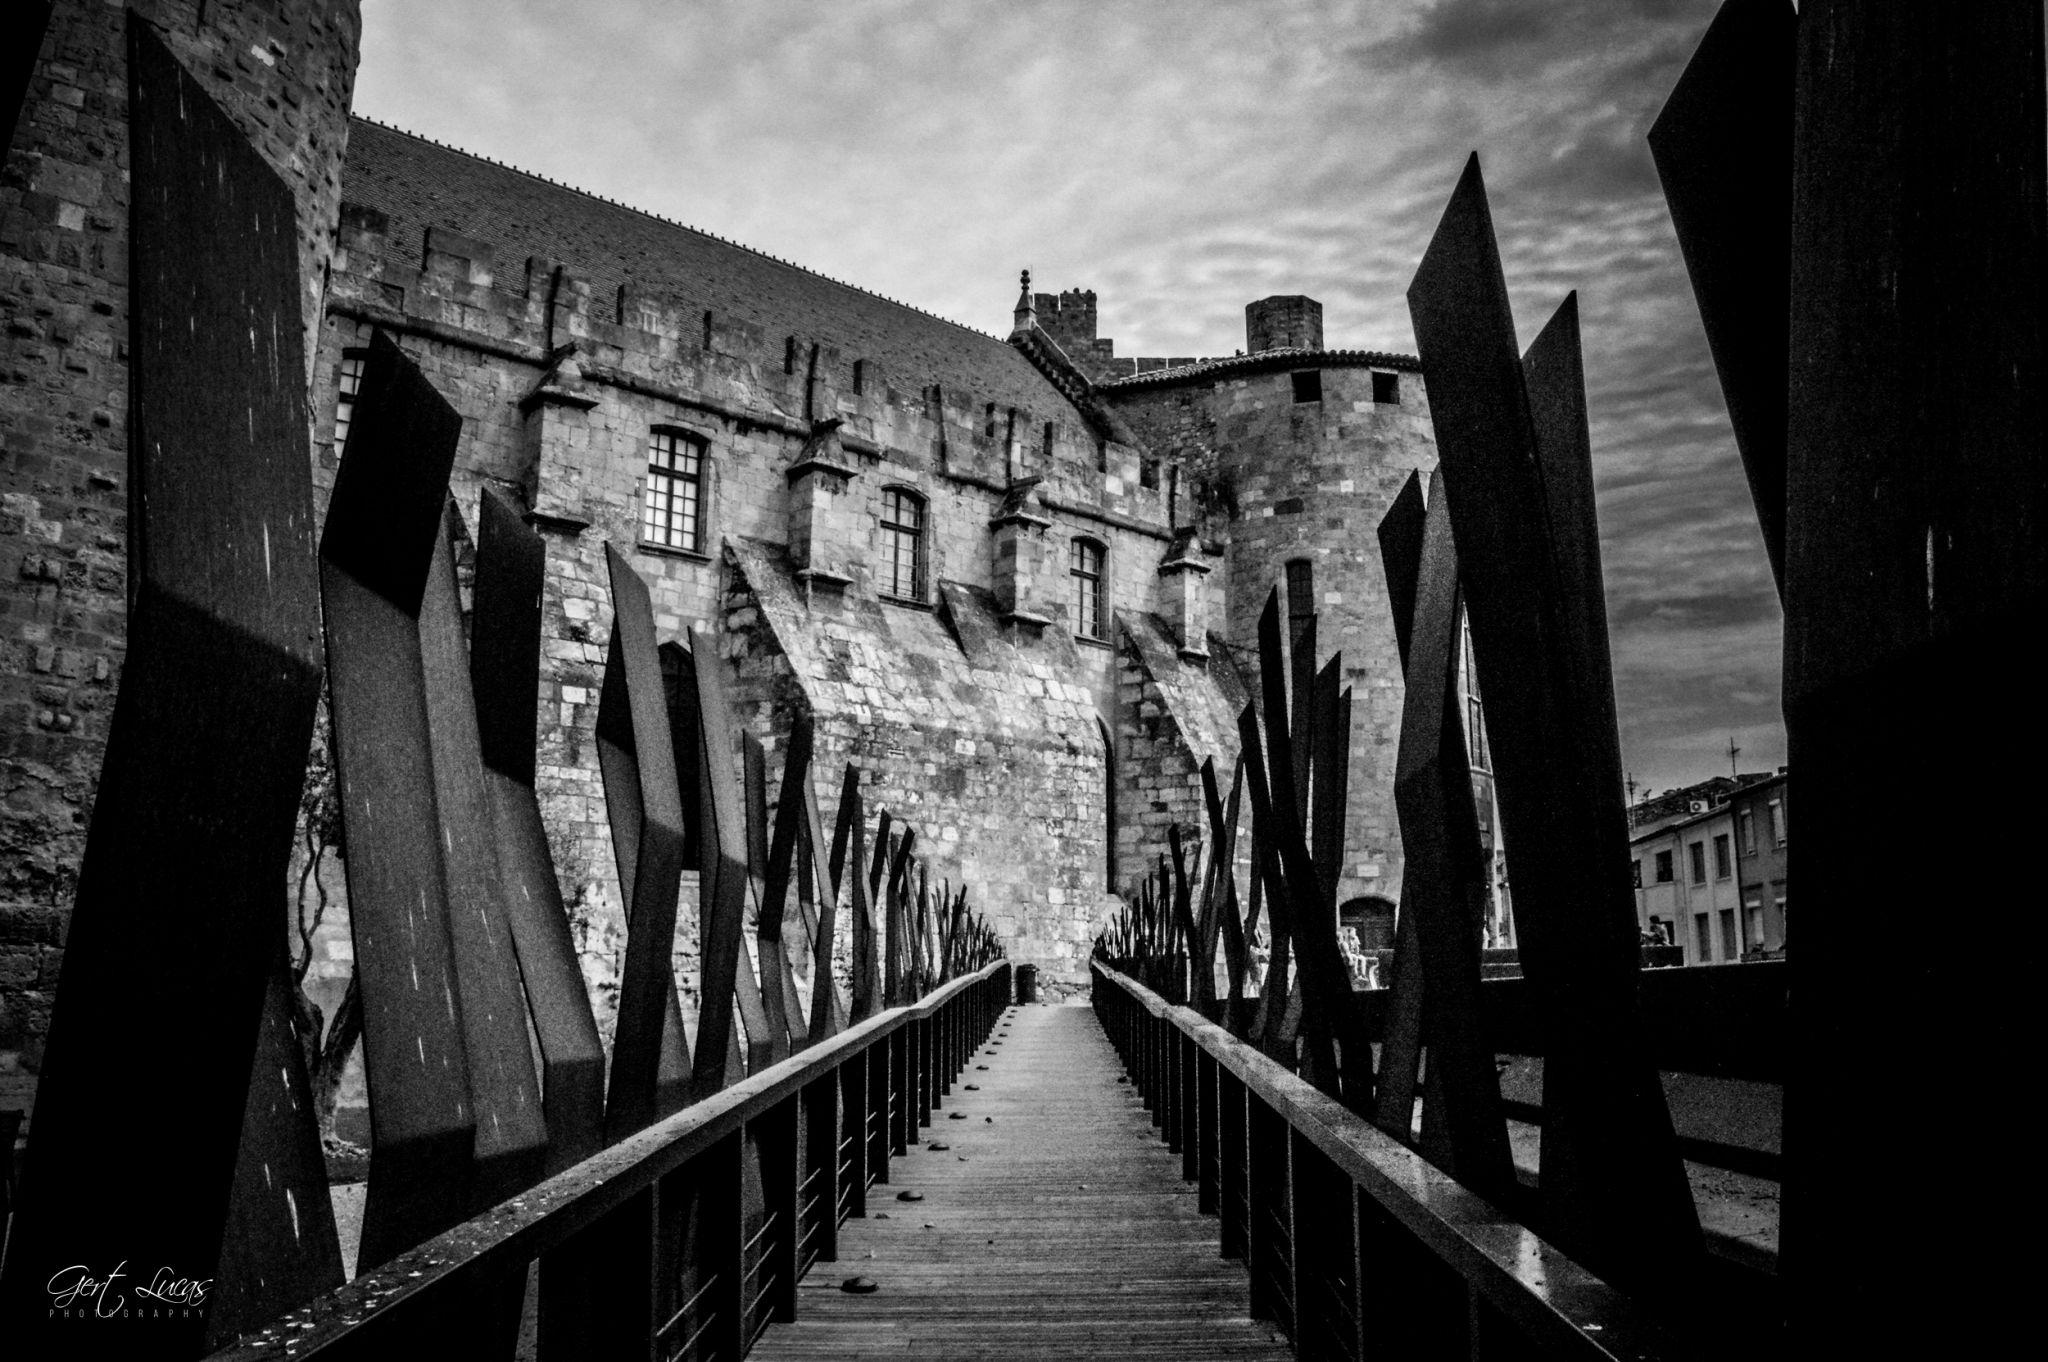 Narbonne - Palais des Archeveques - Gardens, France